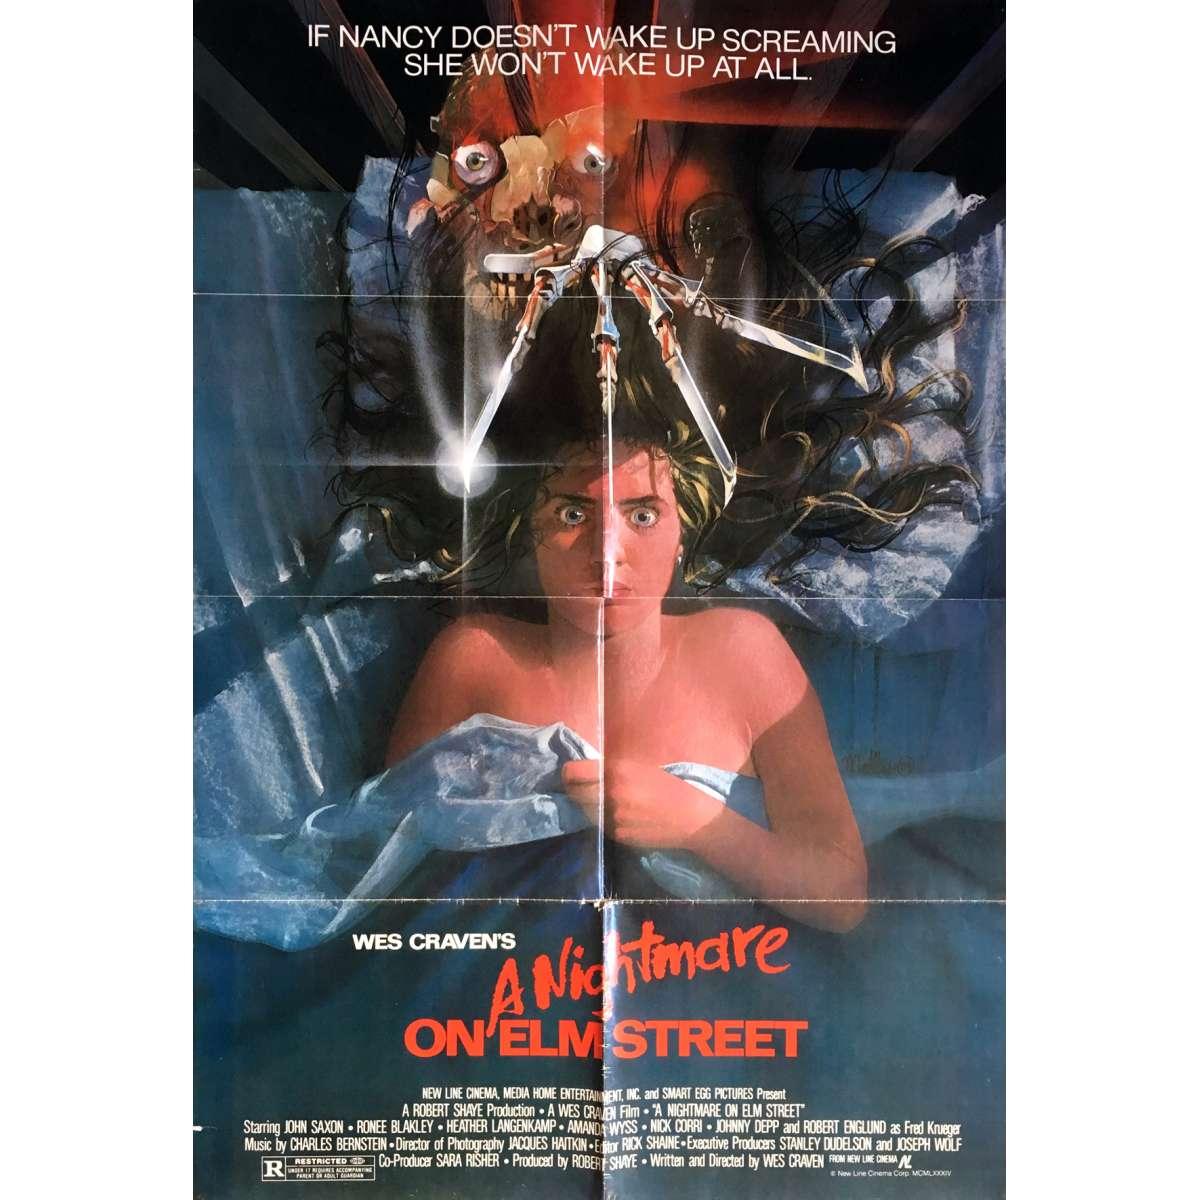 nightmare on elm street movie poster 29x41 in